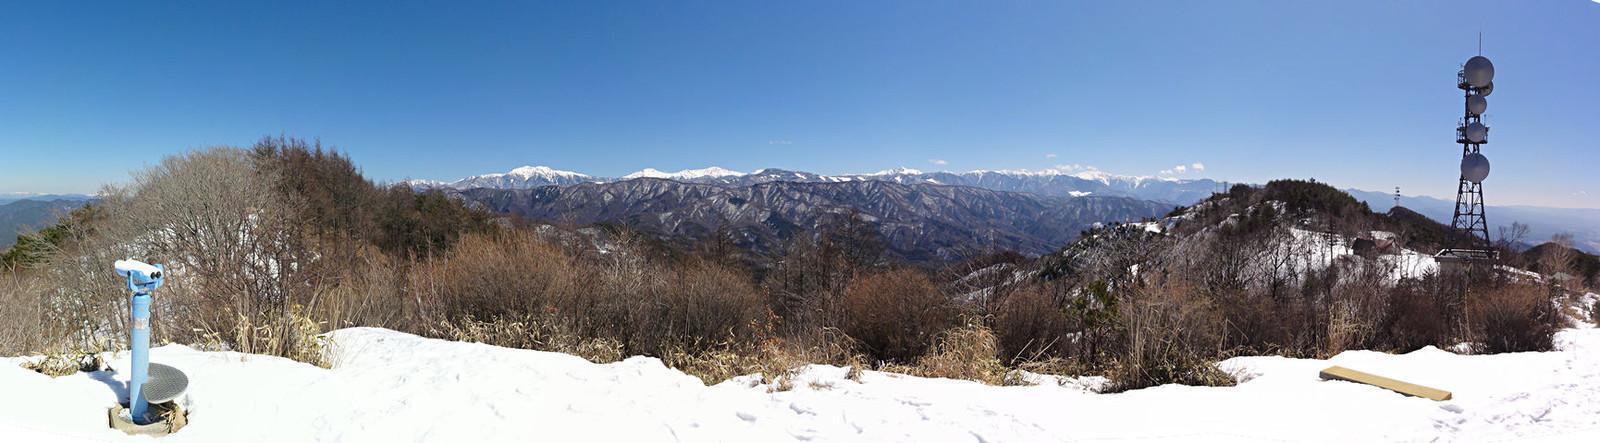 2014年3月15日「陣馬形山山頂から南アルプスを望む」